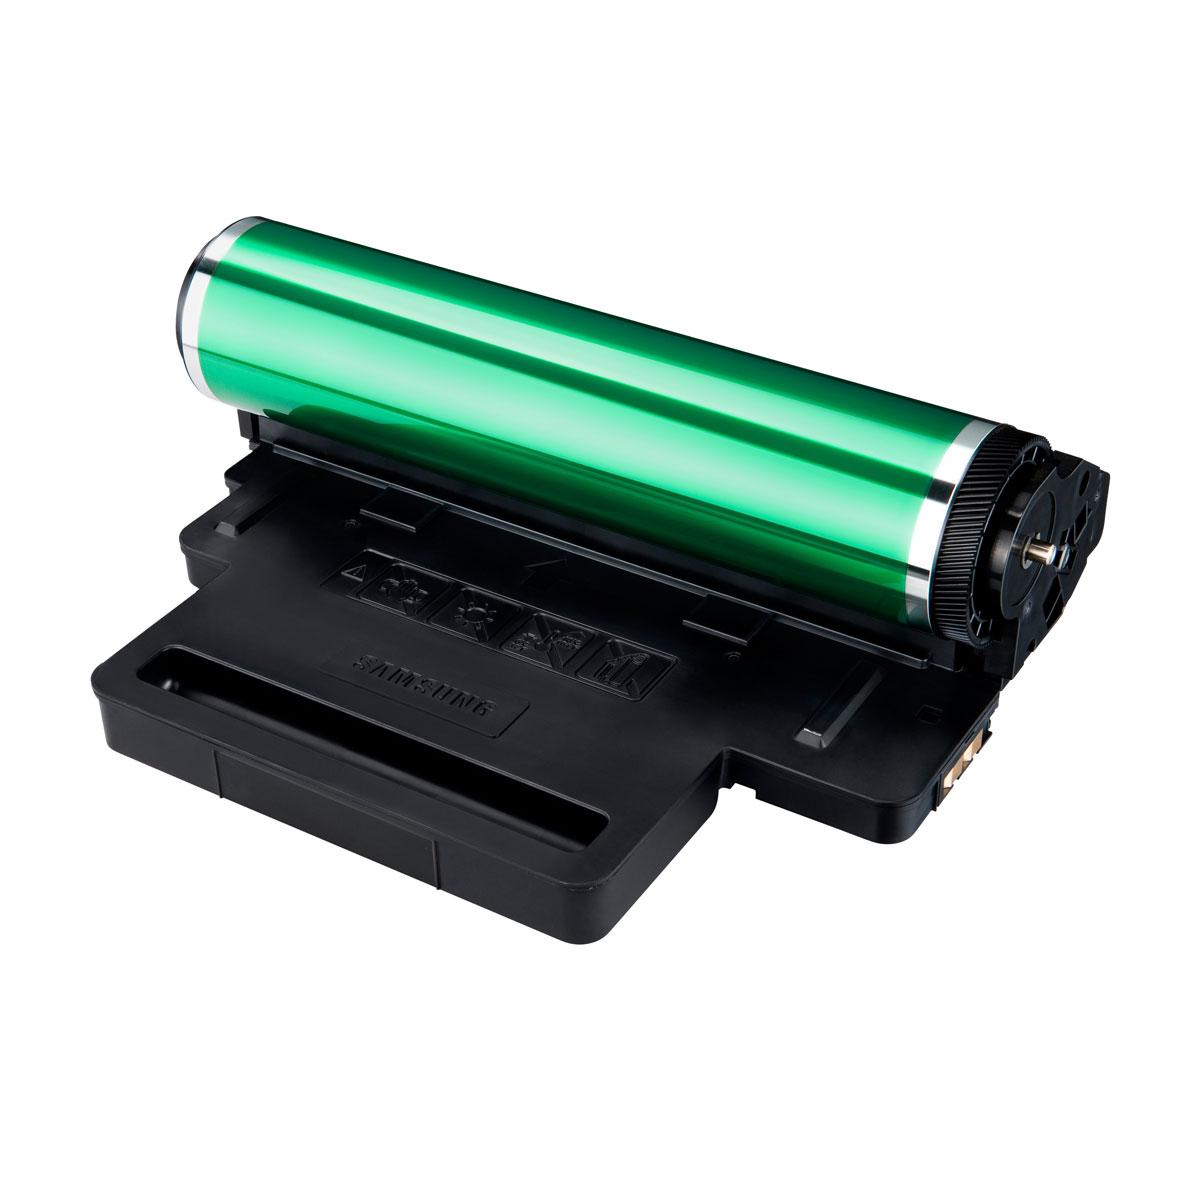 samsung clt r409 toner imprimante samsung sur. Black Bedroom Furniture Sets. Home Design Ideas